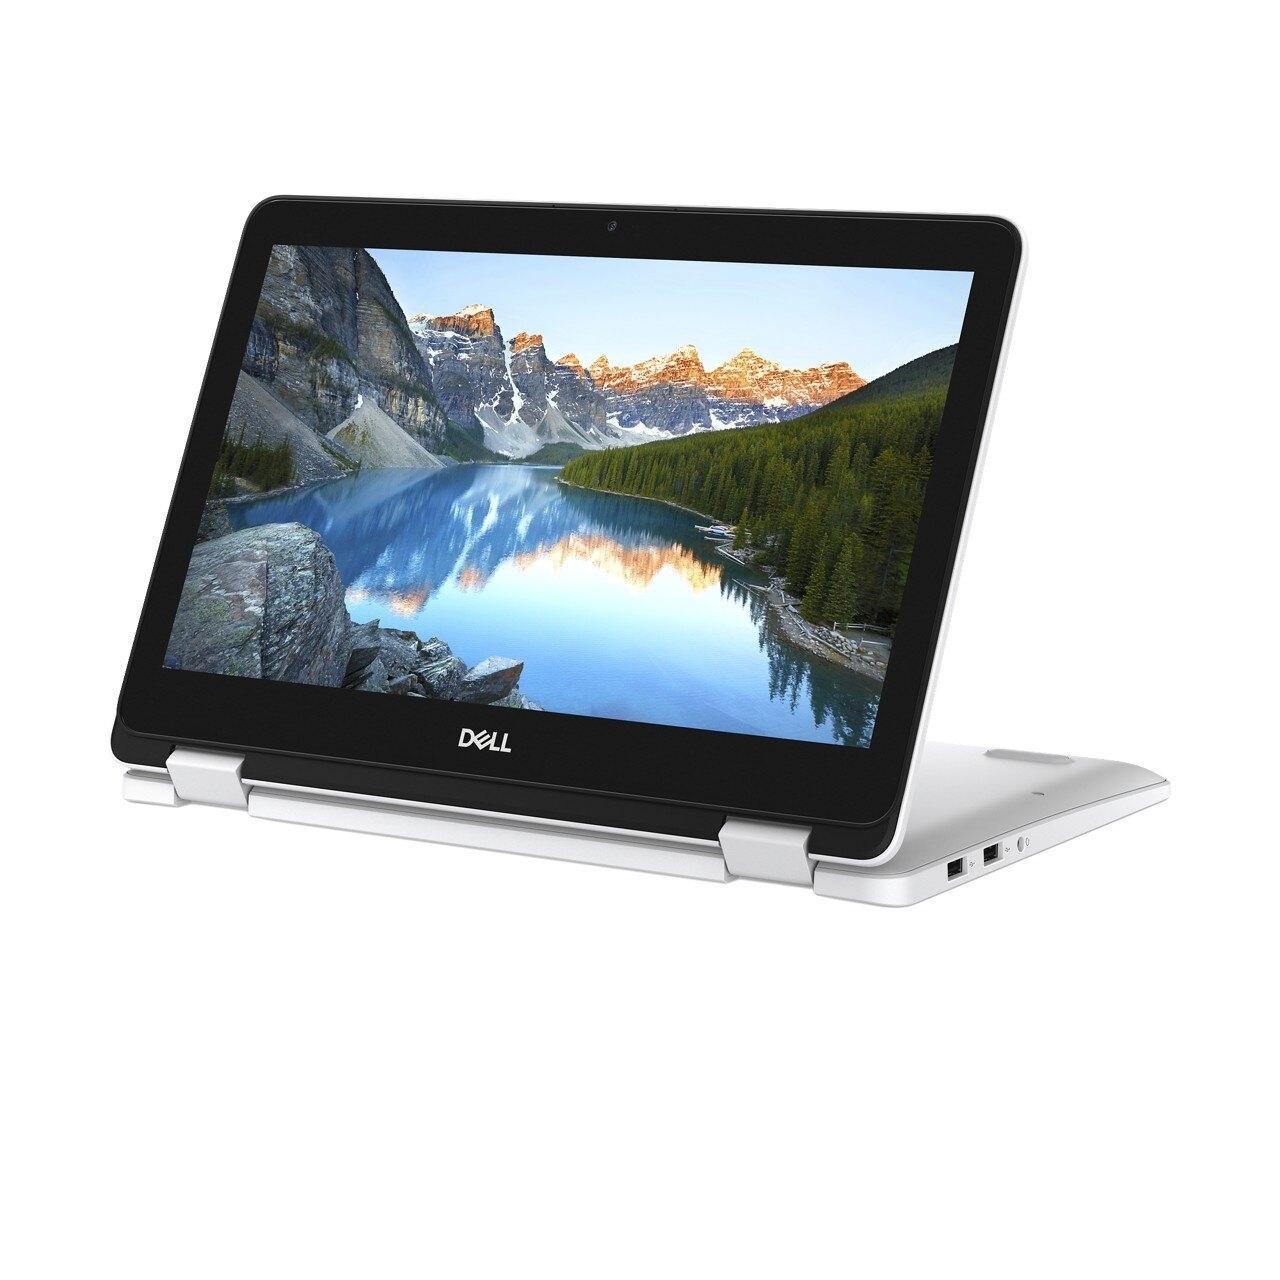 Dell Inspiron 3195 11.6-inch (2018) - A9-9420e - 4 GB - SSD 64 GB